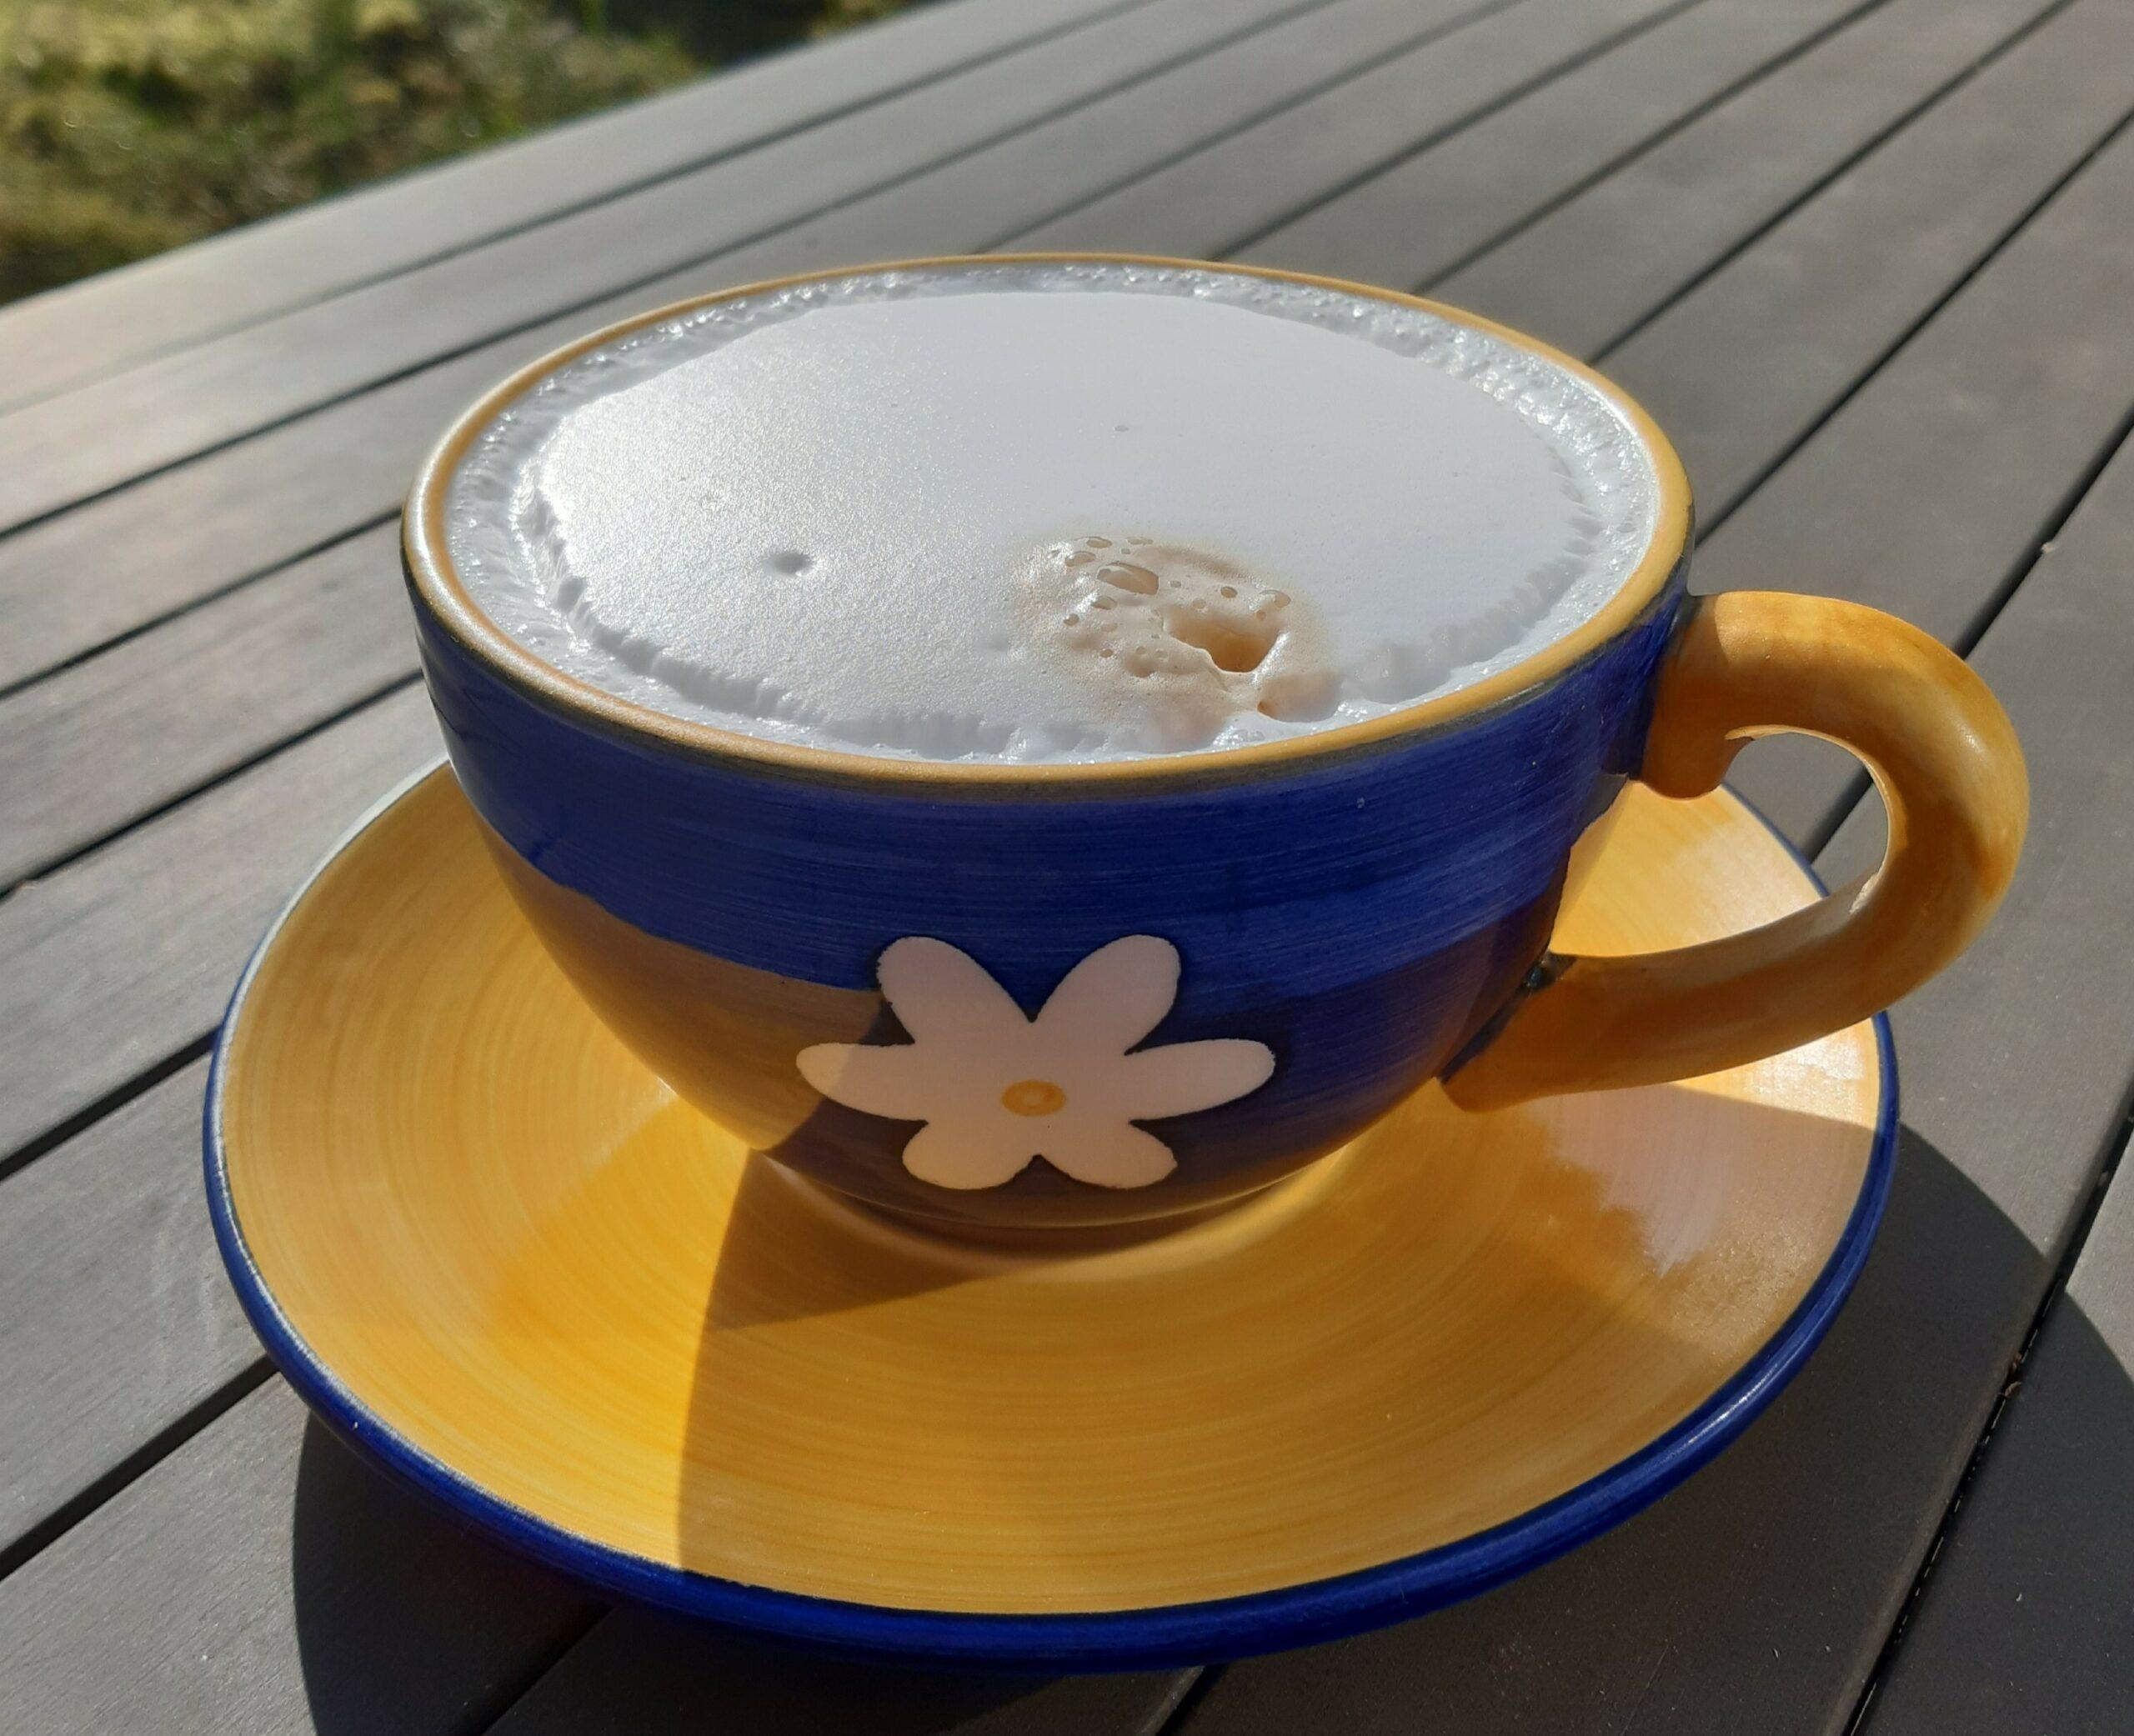 Foto Milchkaffee mit in einer großen blauen Tasse mit weißer Margarite auf gelber Untertasse in der Sonne auf einem Gartentisch in Oldenburg